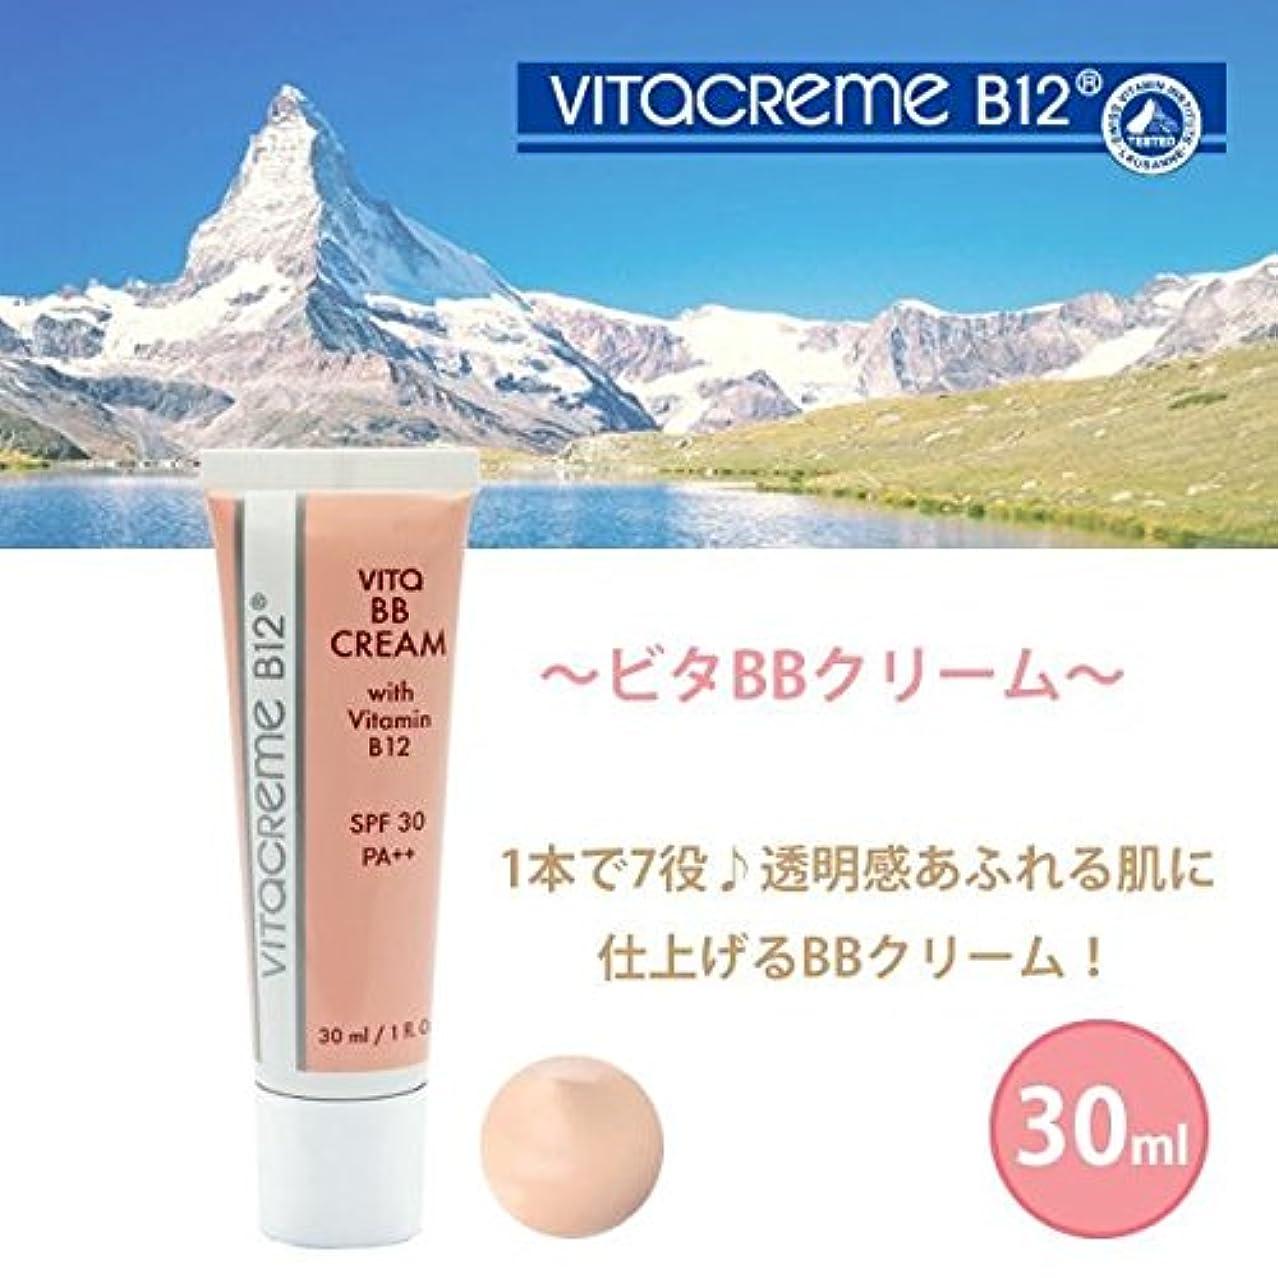 改修するこれまでデモンストレーションビタBBクリーム 30ml 正規品 VTB238 【人気 おすすめ 】